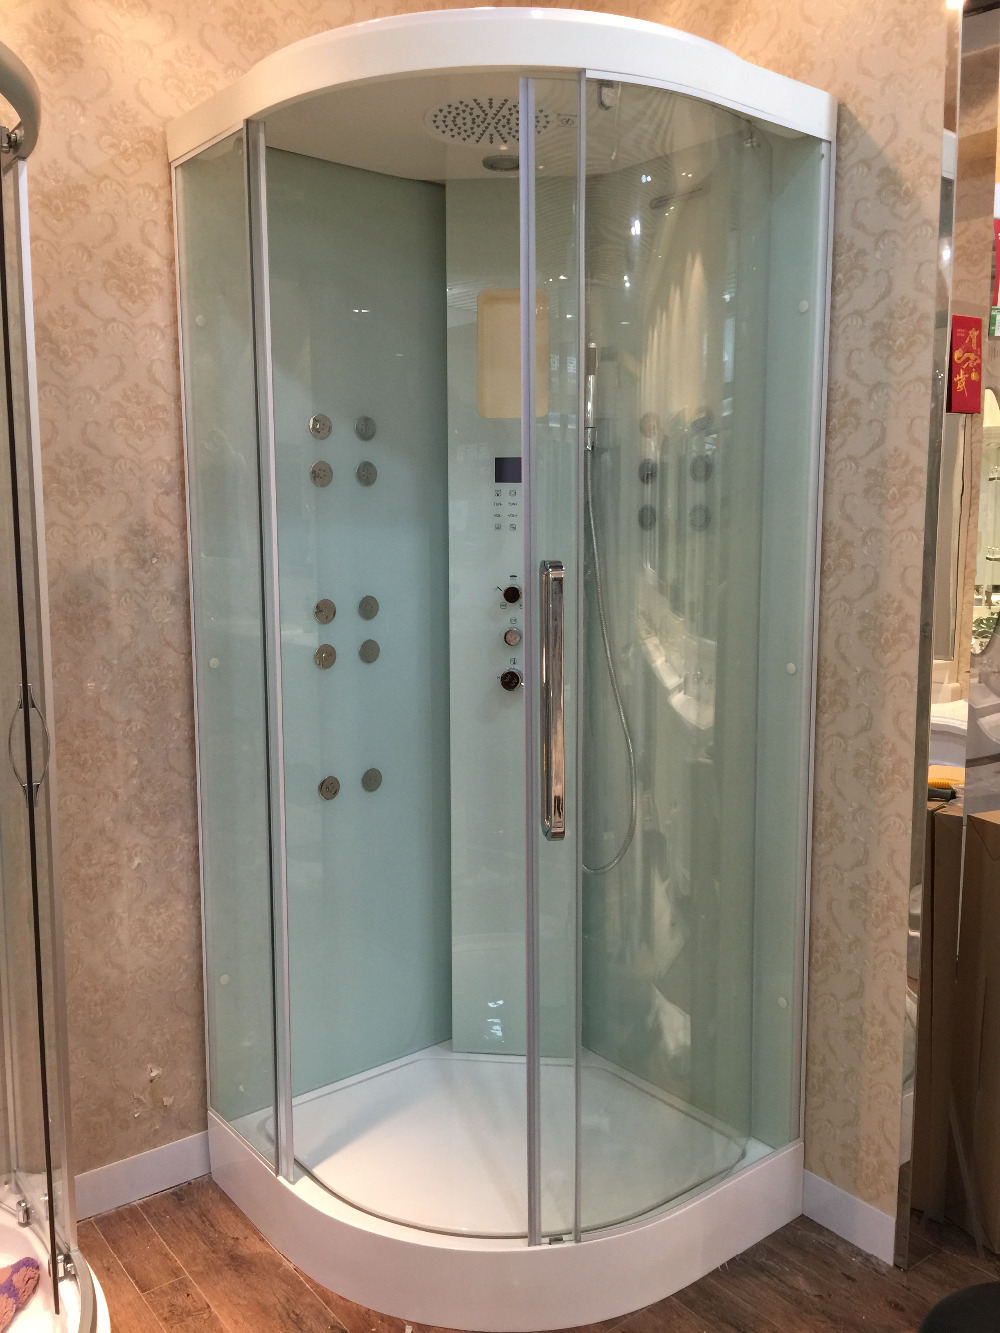 luxury steam shower enclosures bathroom steam shower cabins jetted massage walkingin sauna rooms 900